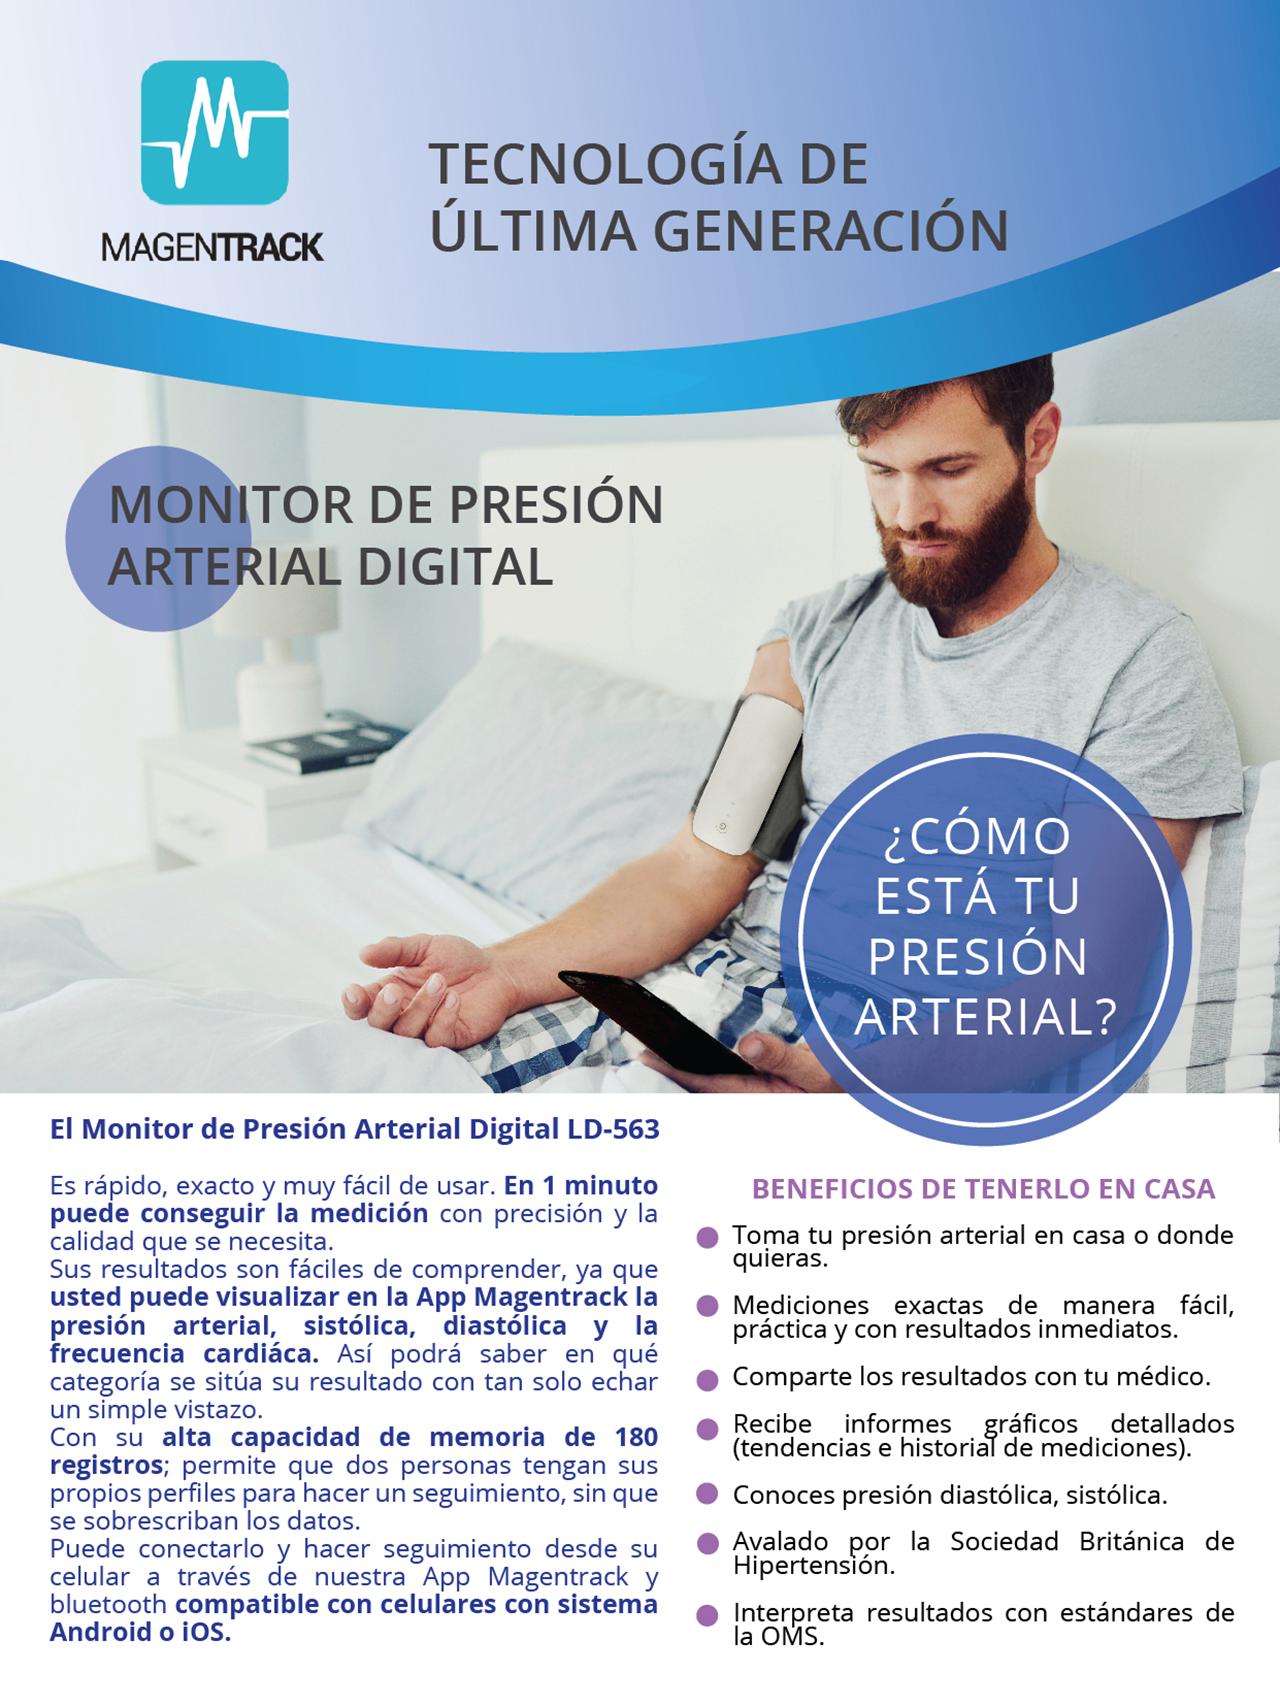 Monitor de presión arterial digital